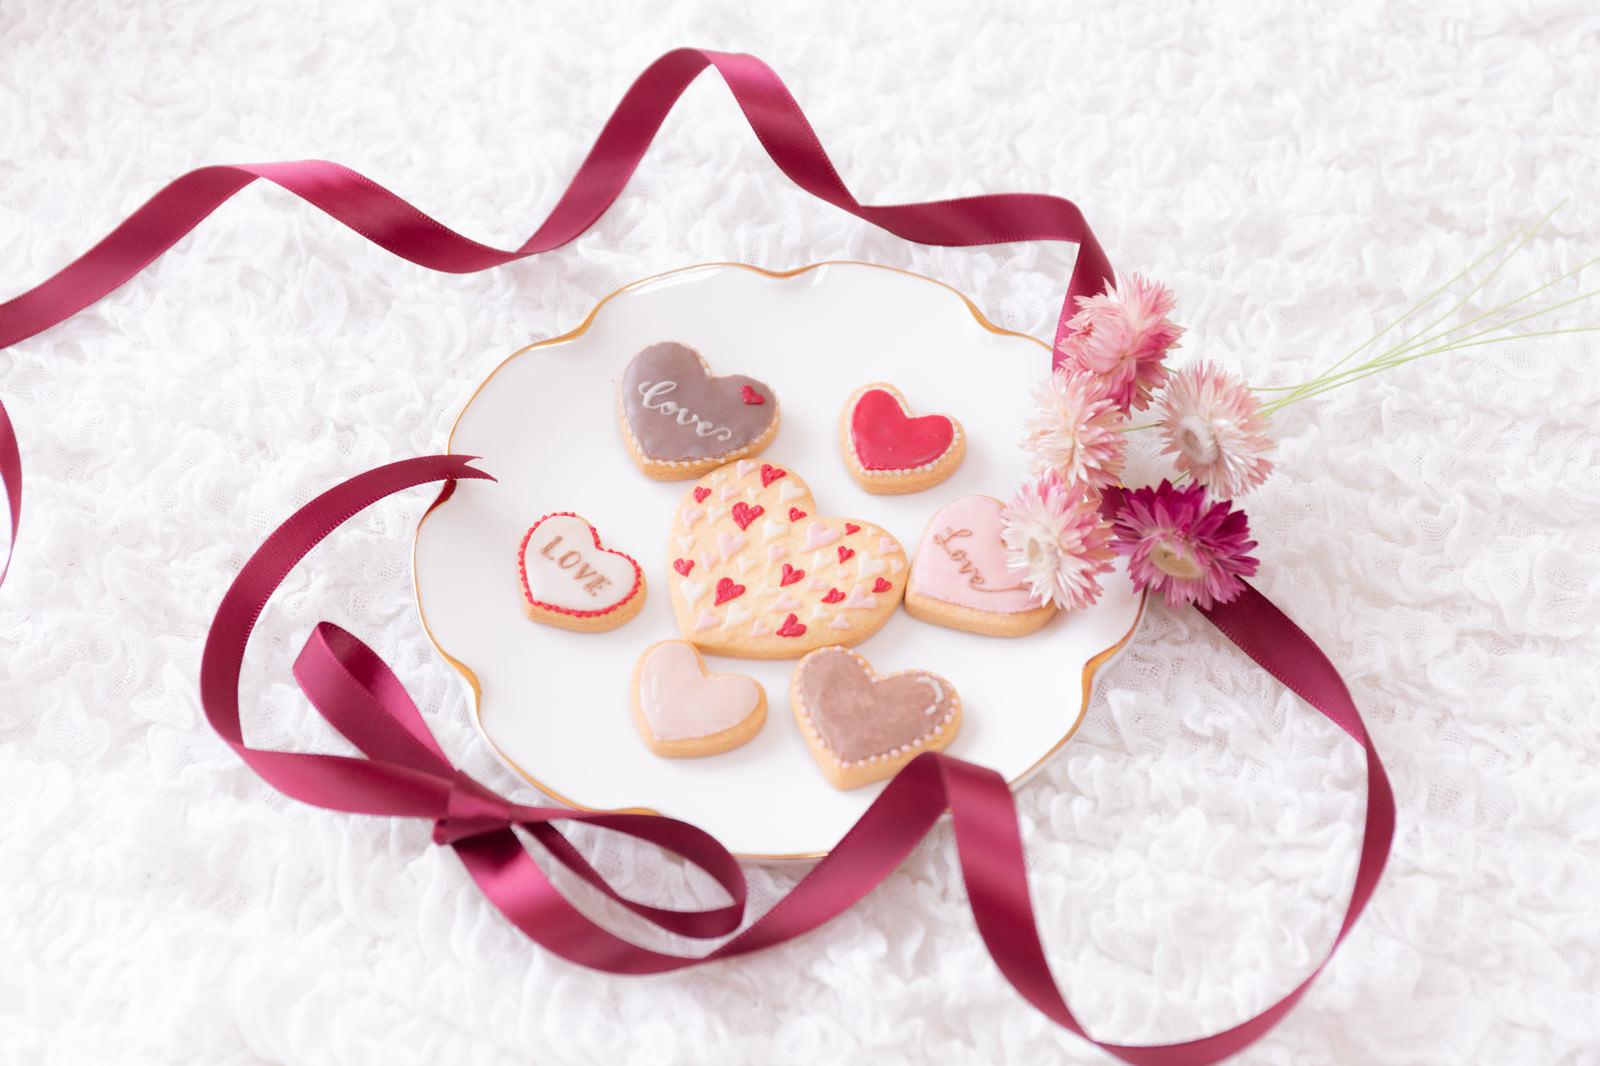 「花を添えて並べたバレンタインクッキー」の写真